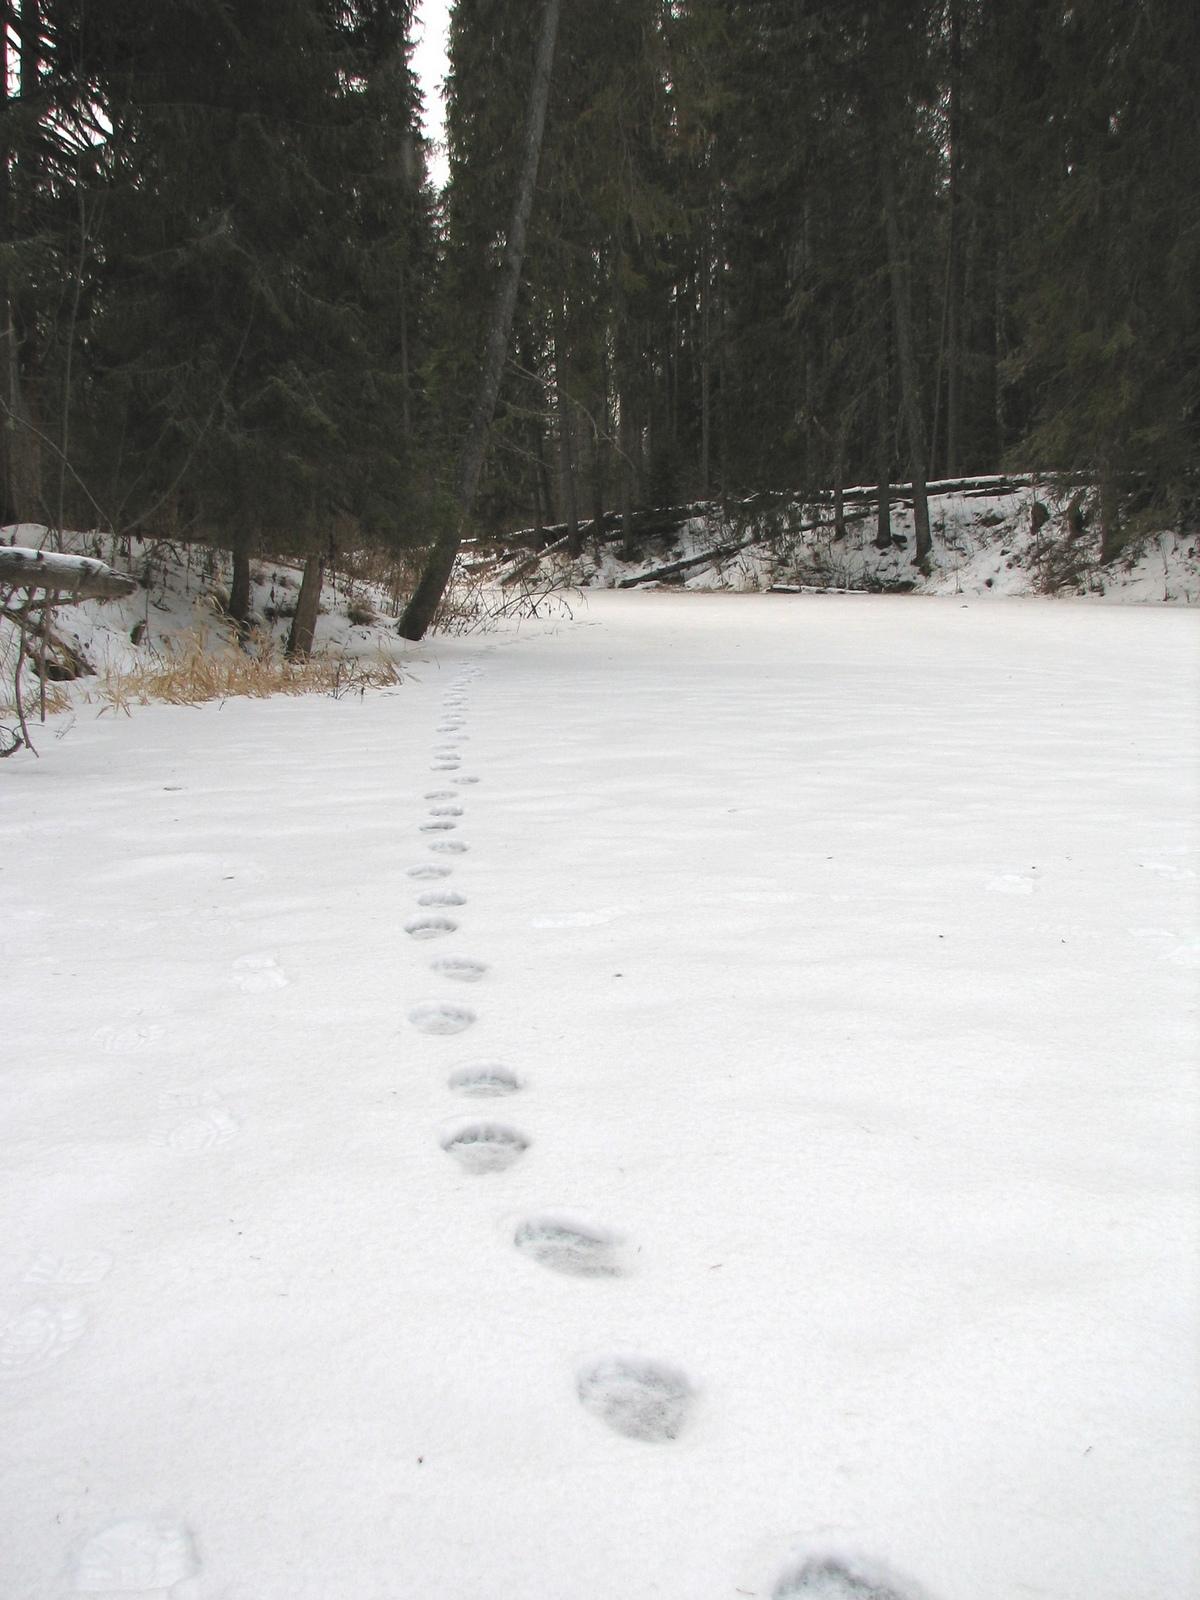 ученик снимать следы росомахи на снегу фото наливаю